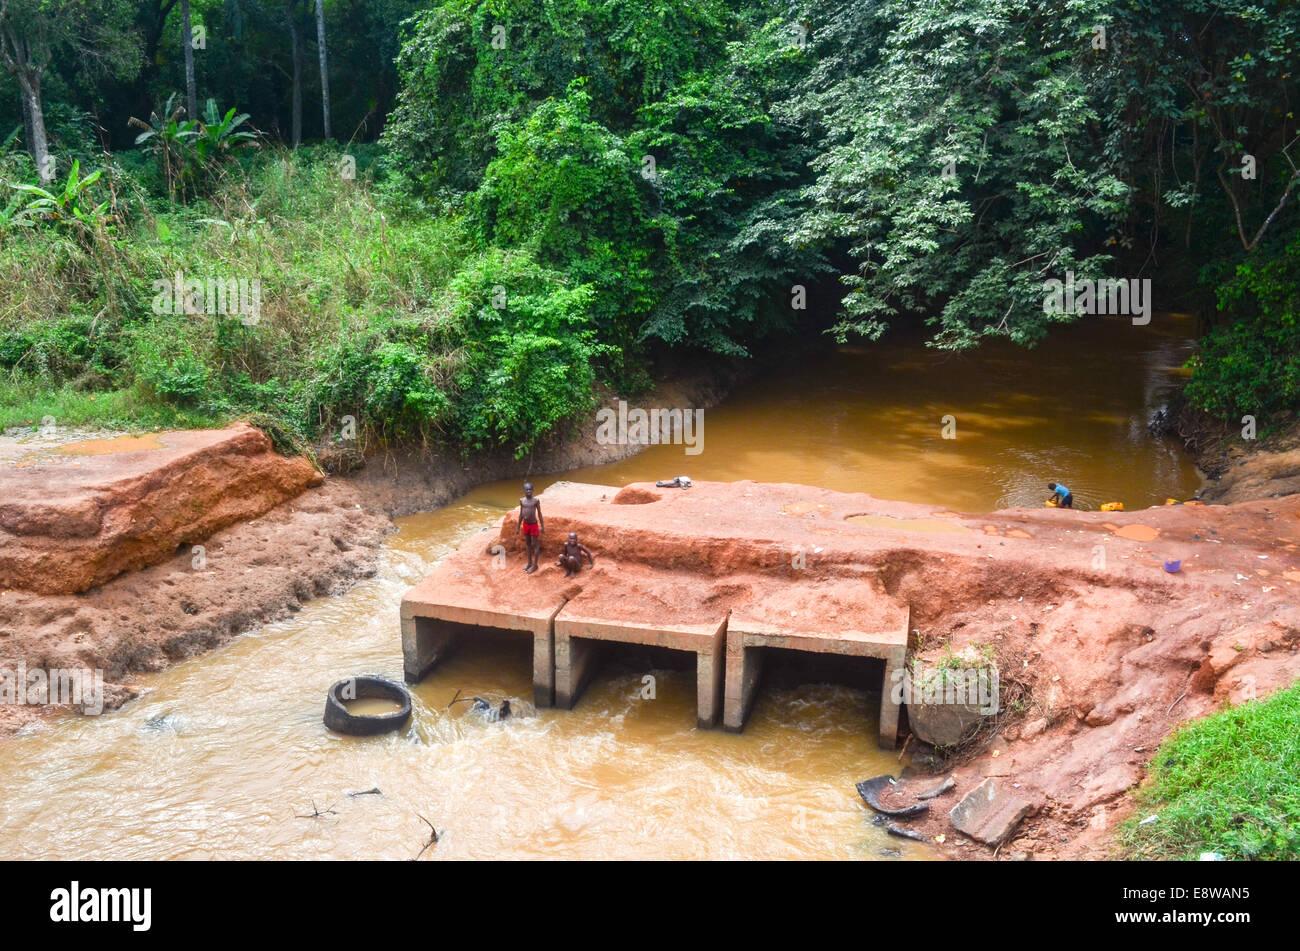 Schlechte Infrastruktur in Nigeria, Feldwege, Überschwemmungen und Kinder spielen mit unfertigen Brücken Stockbild